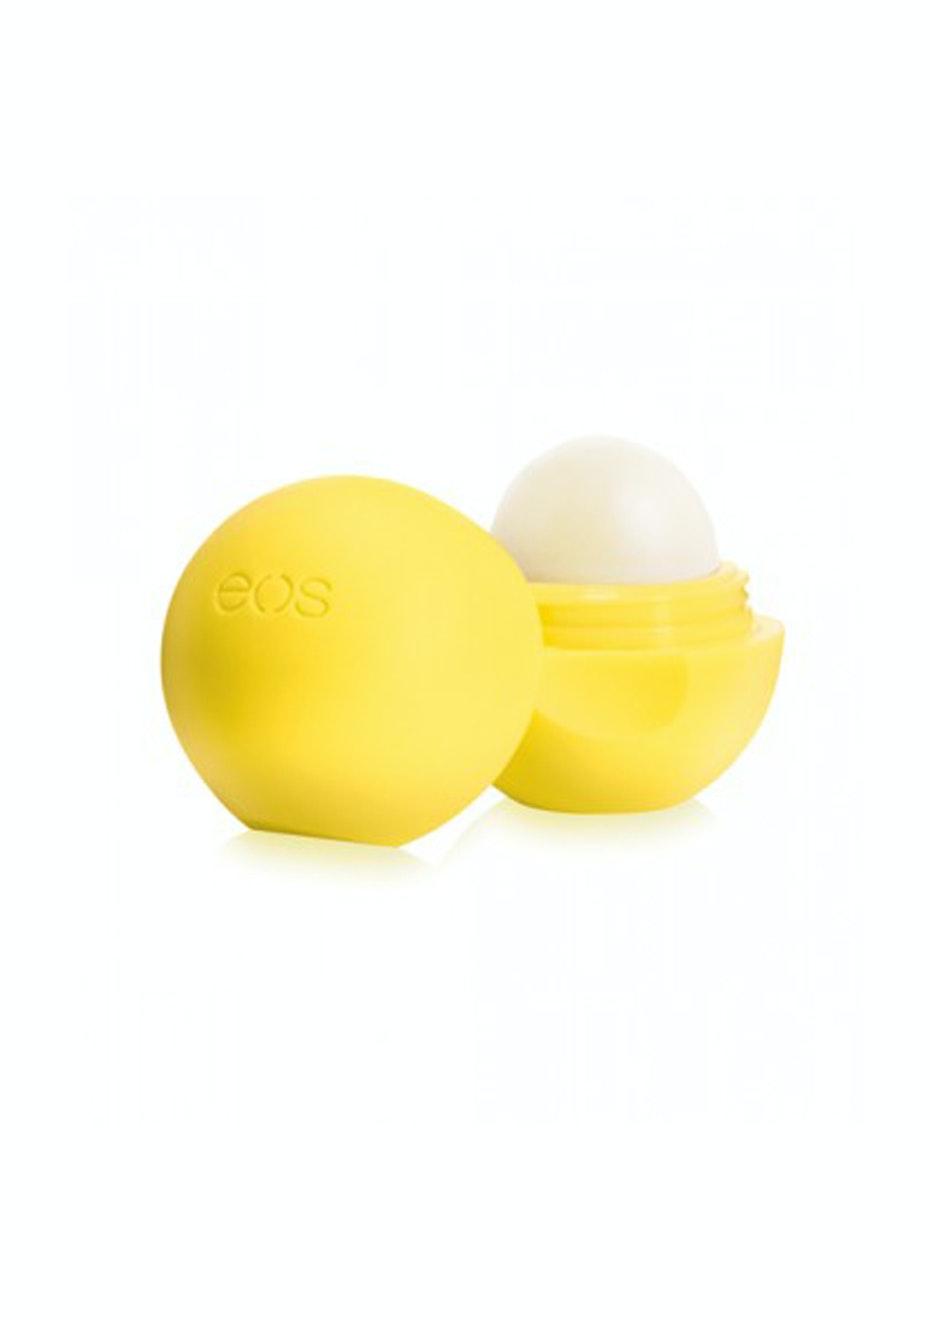 EOS Lip Balm Lemon Drop